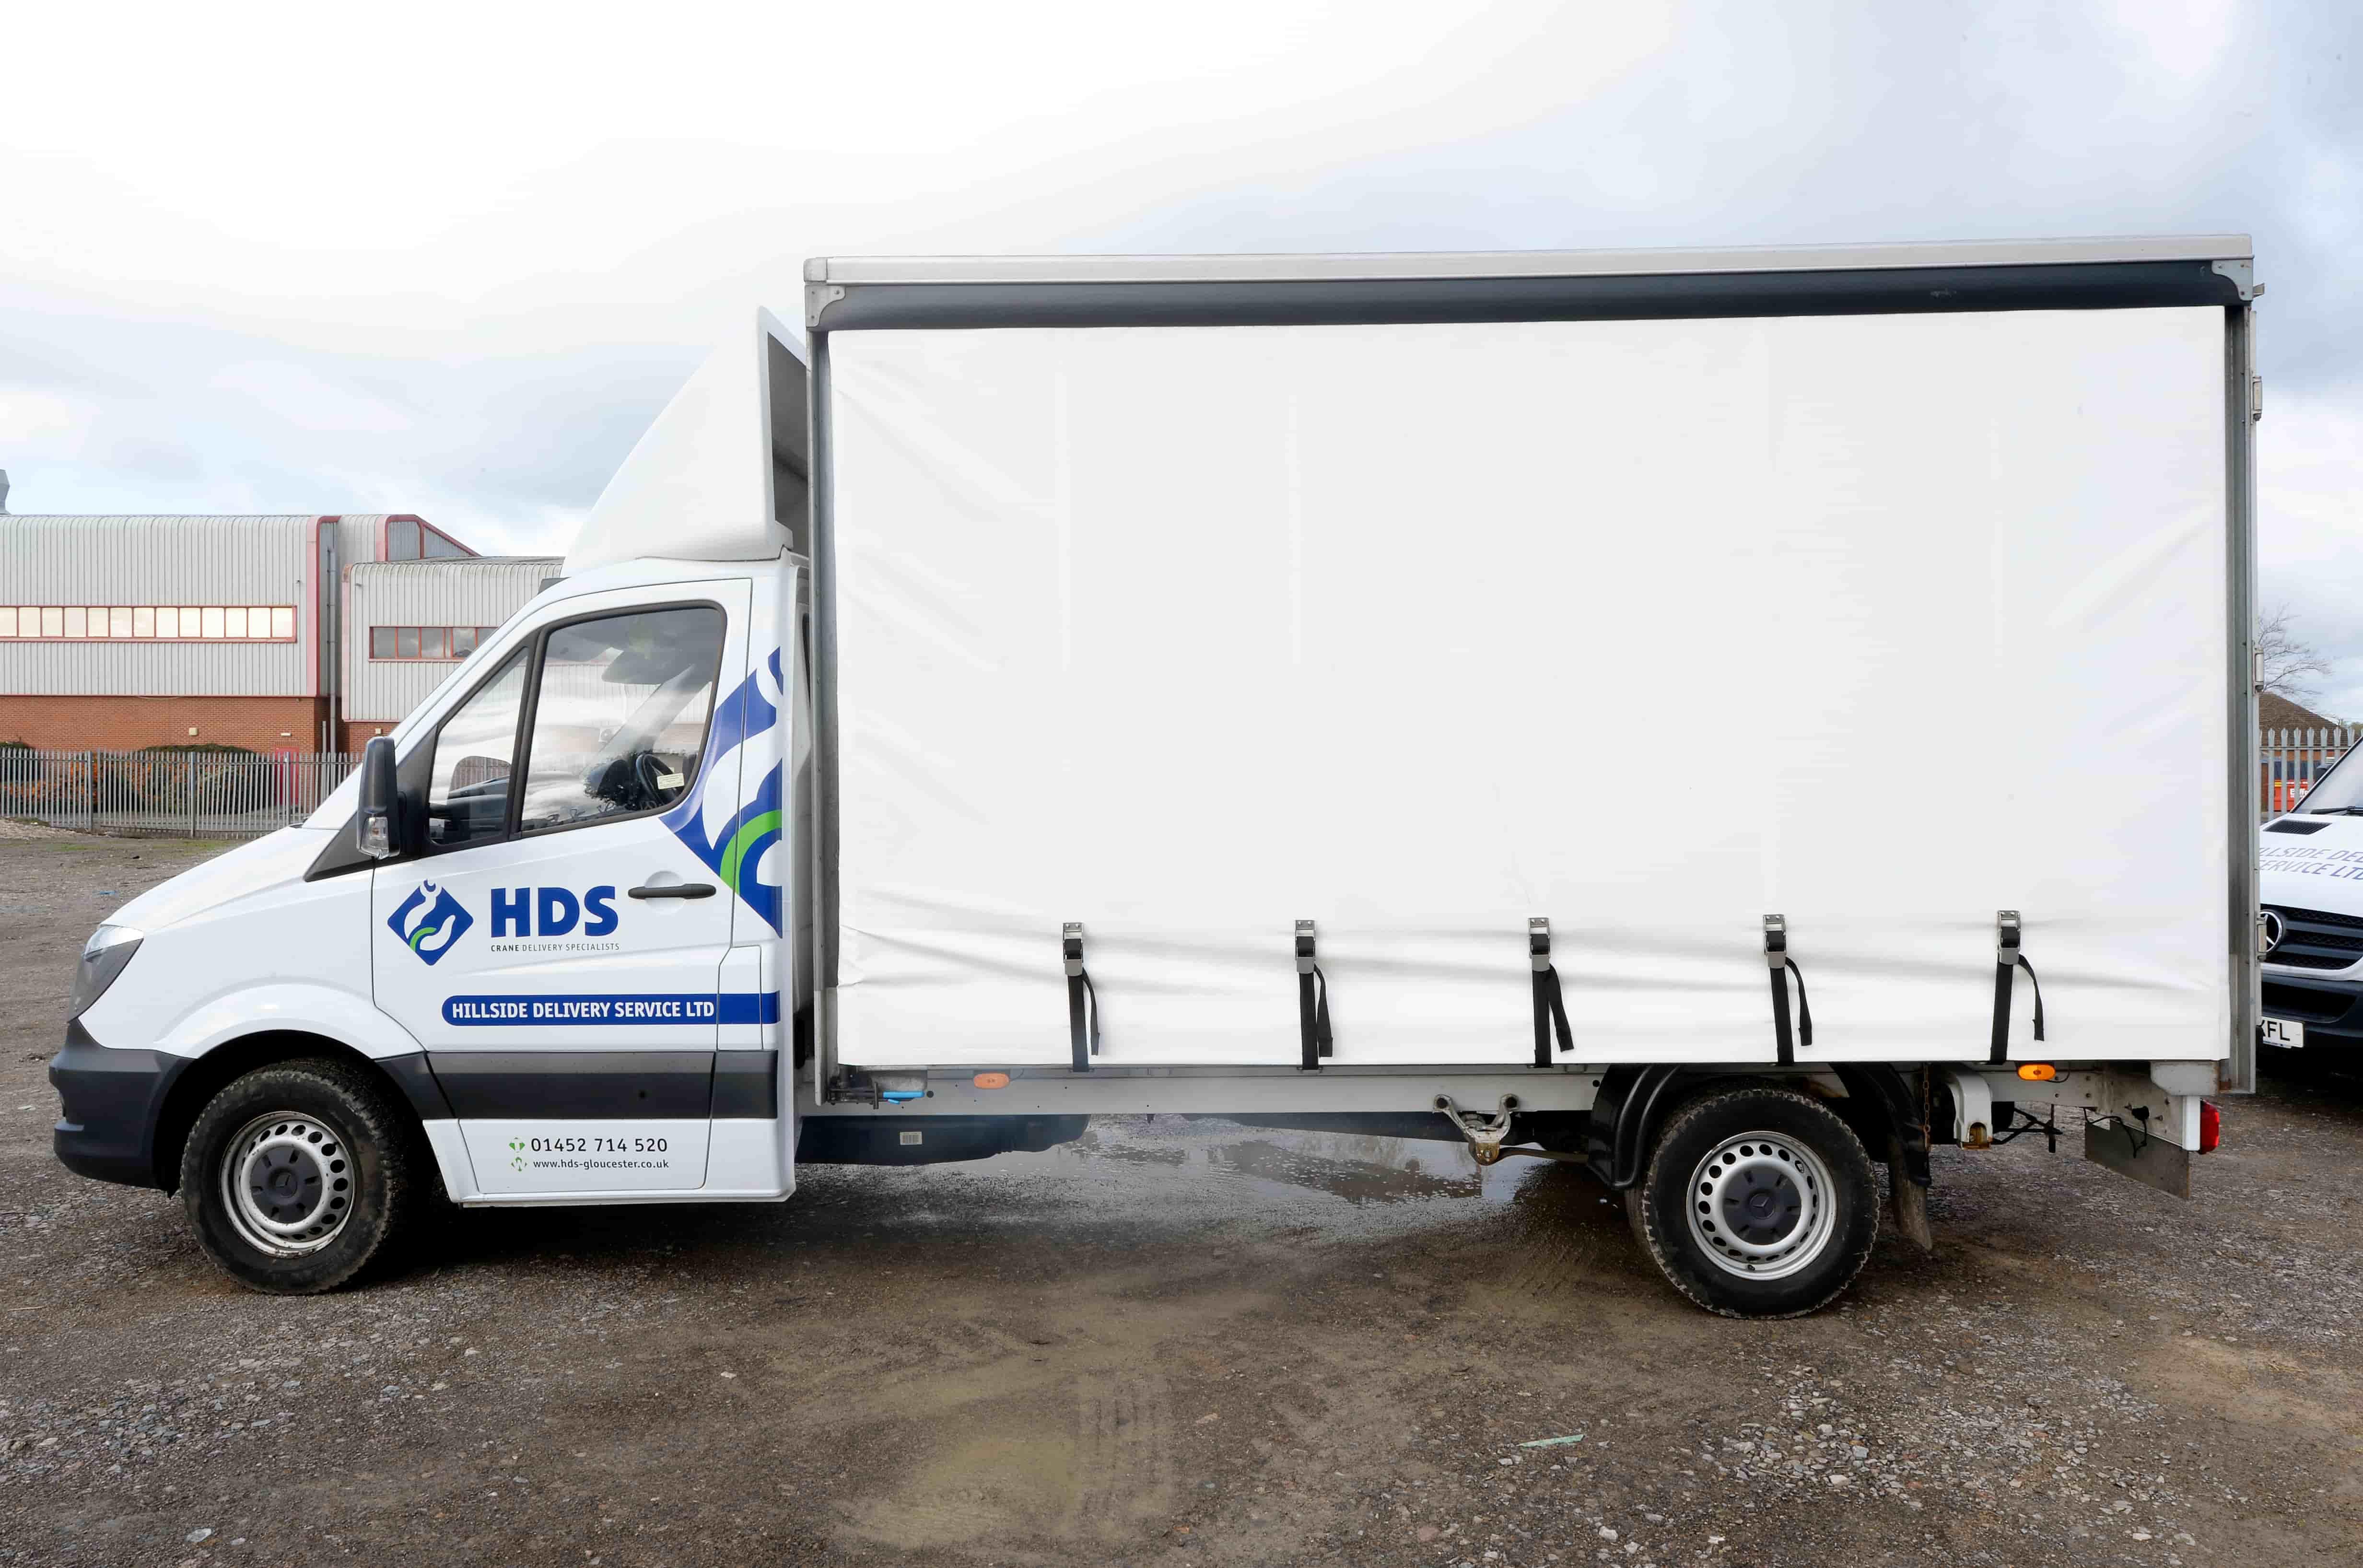 Side shot of Hillside Delivery Service vehicle